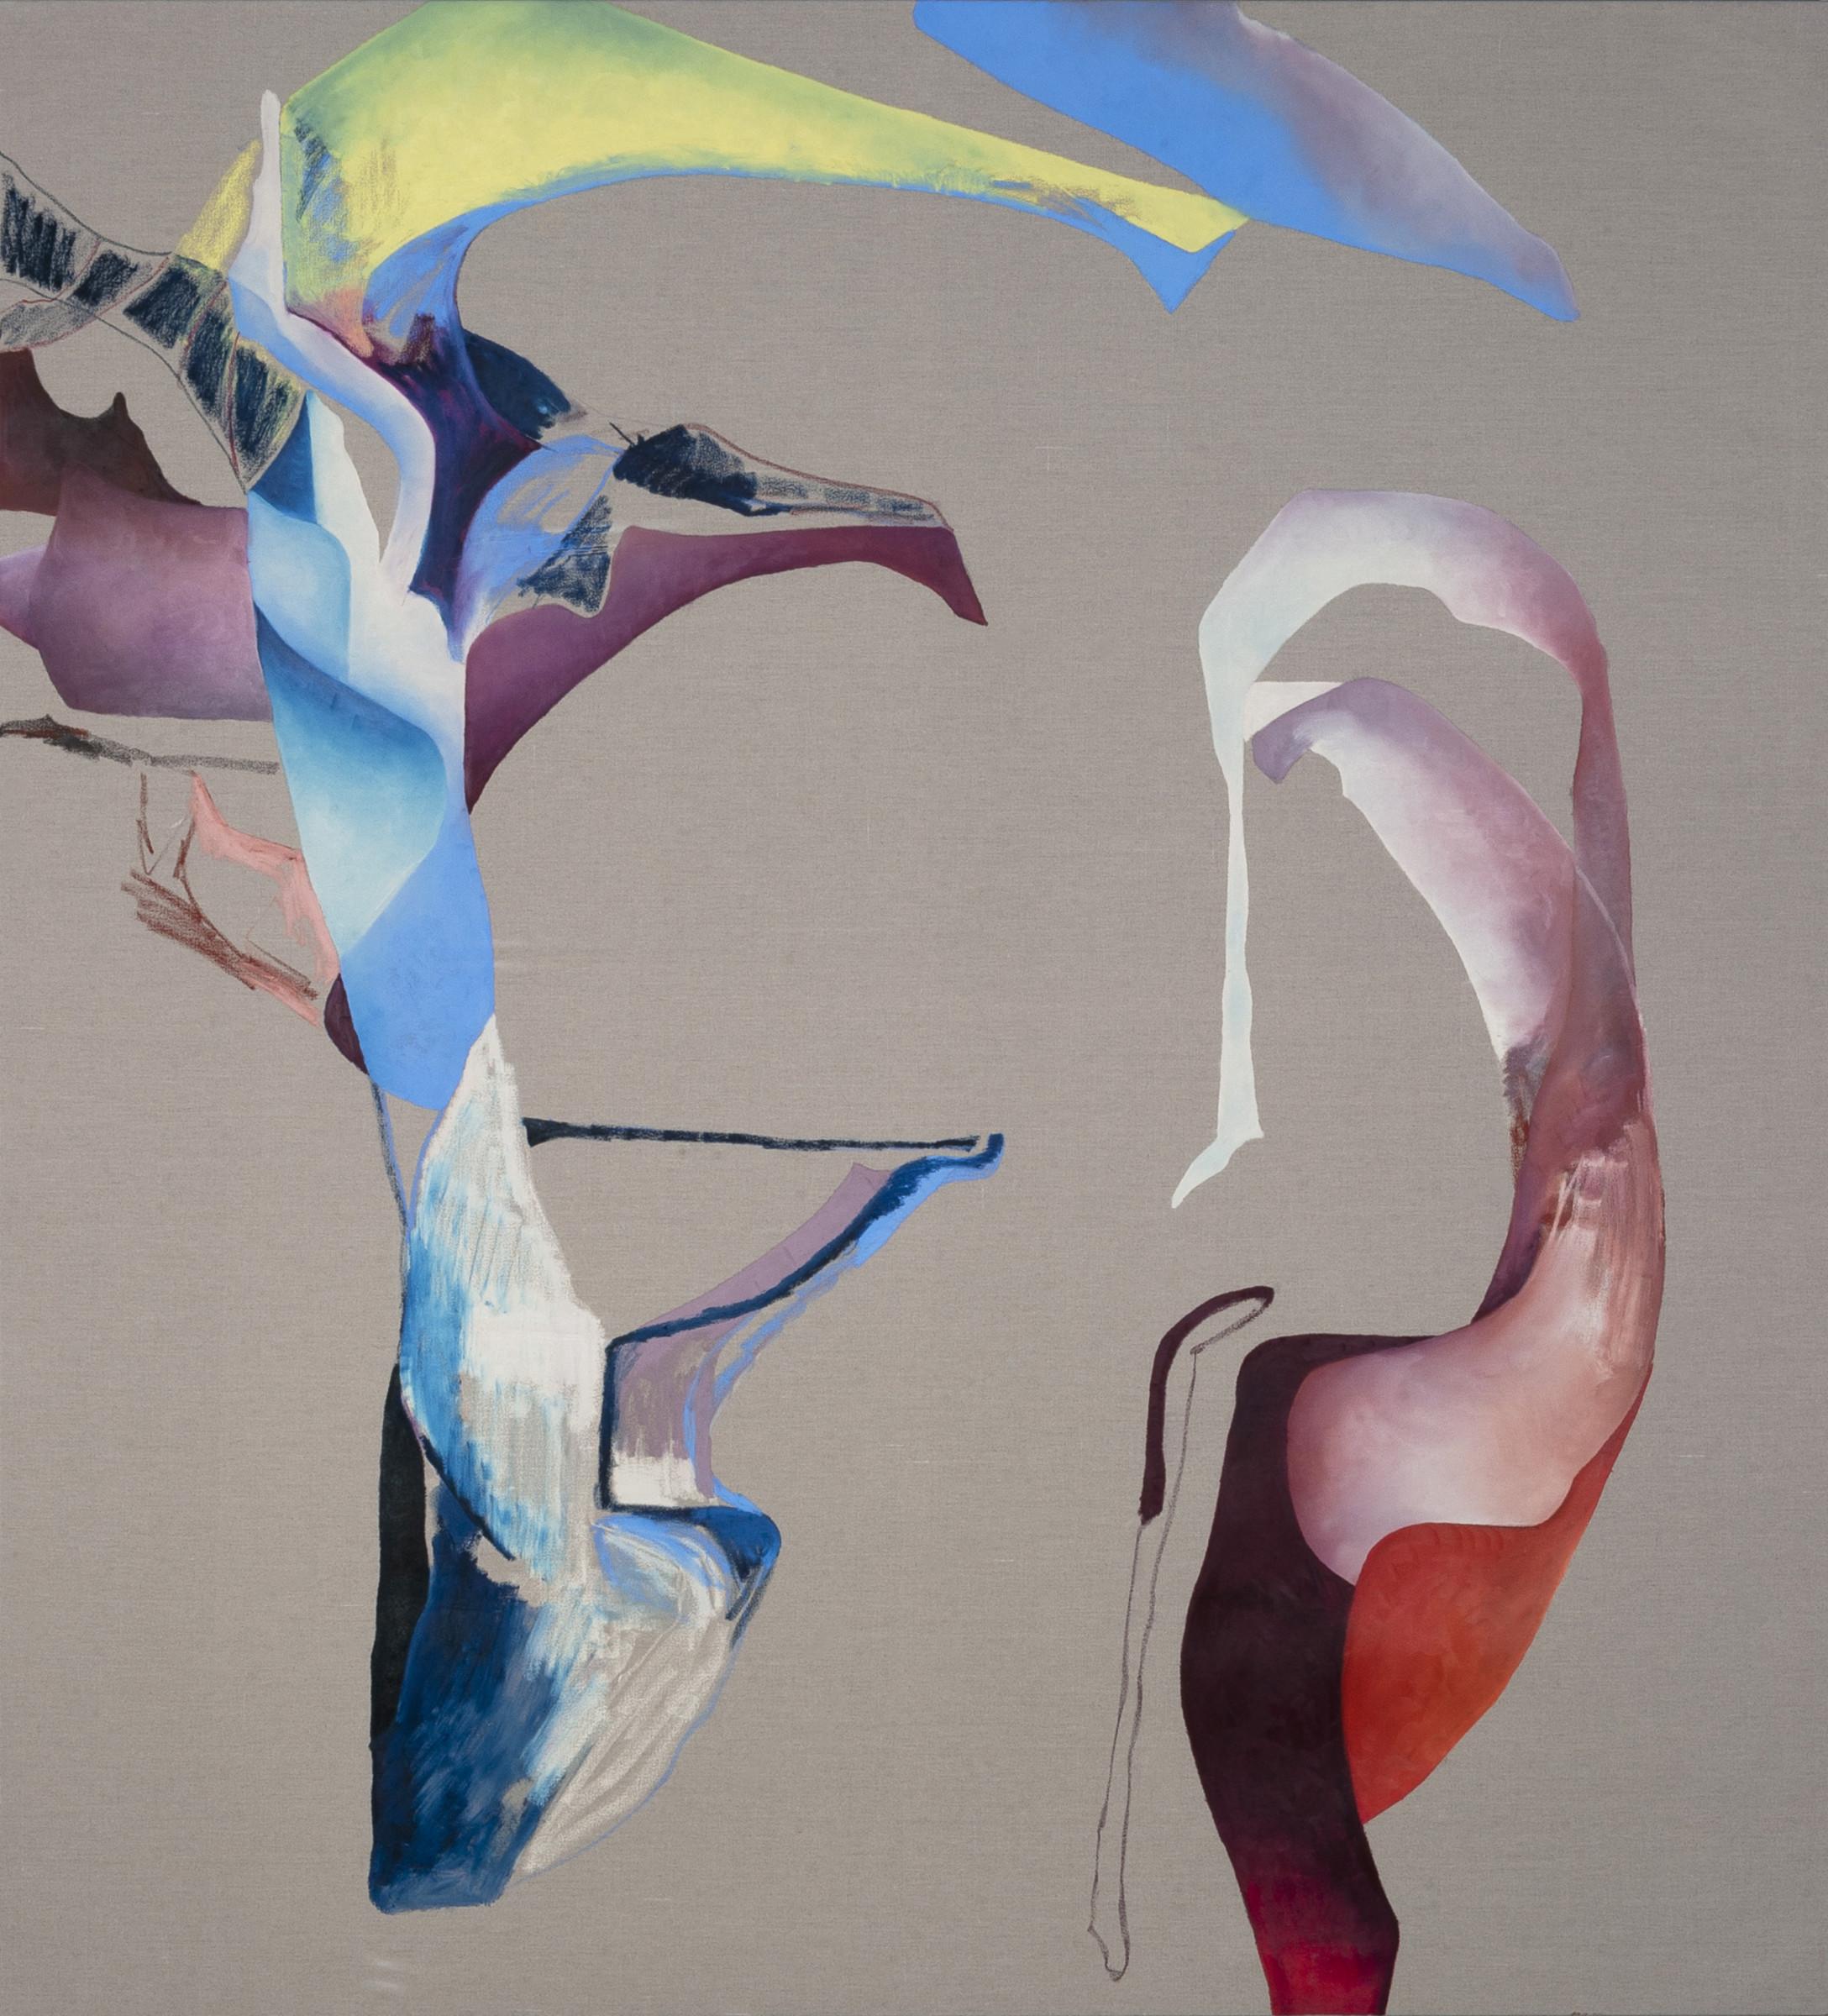 """<span class=""""link fancybox-details-link""""><a href=""""/artists/27-florentijn-de-boer/works/5293-florentijn-de-boer-do-not-touch-the-feathers-of-a-swan-2019/"""">View Detail Page</a></span><div class=""""artist""""><strong>Florentijn de Boer</strong></div> <div class=""""title""""><em>Do not touch the feathers of a swan</em>, 2019</div> <div class=""""medium"""">Oilbar on canvas</div> <div class=""""dimensions"""">200 x 180 cm<br /> Unicum</div><div class=""""price"""">€5,900.00</div>"""